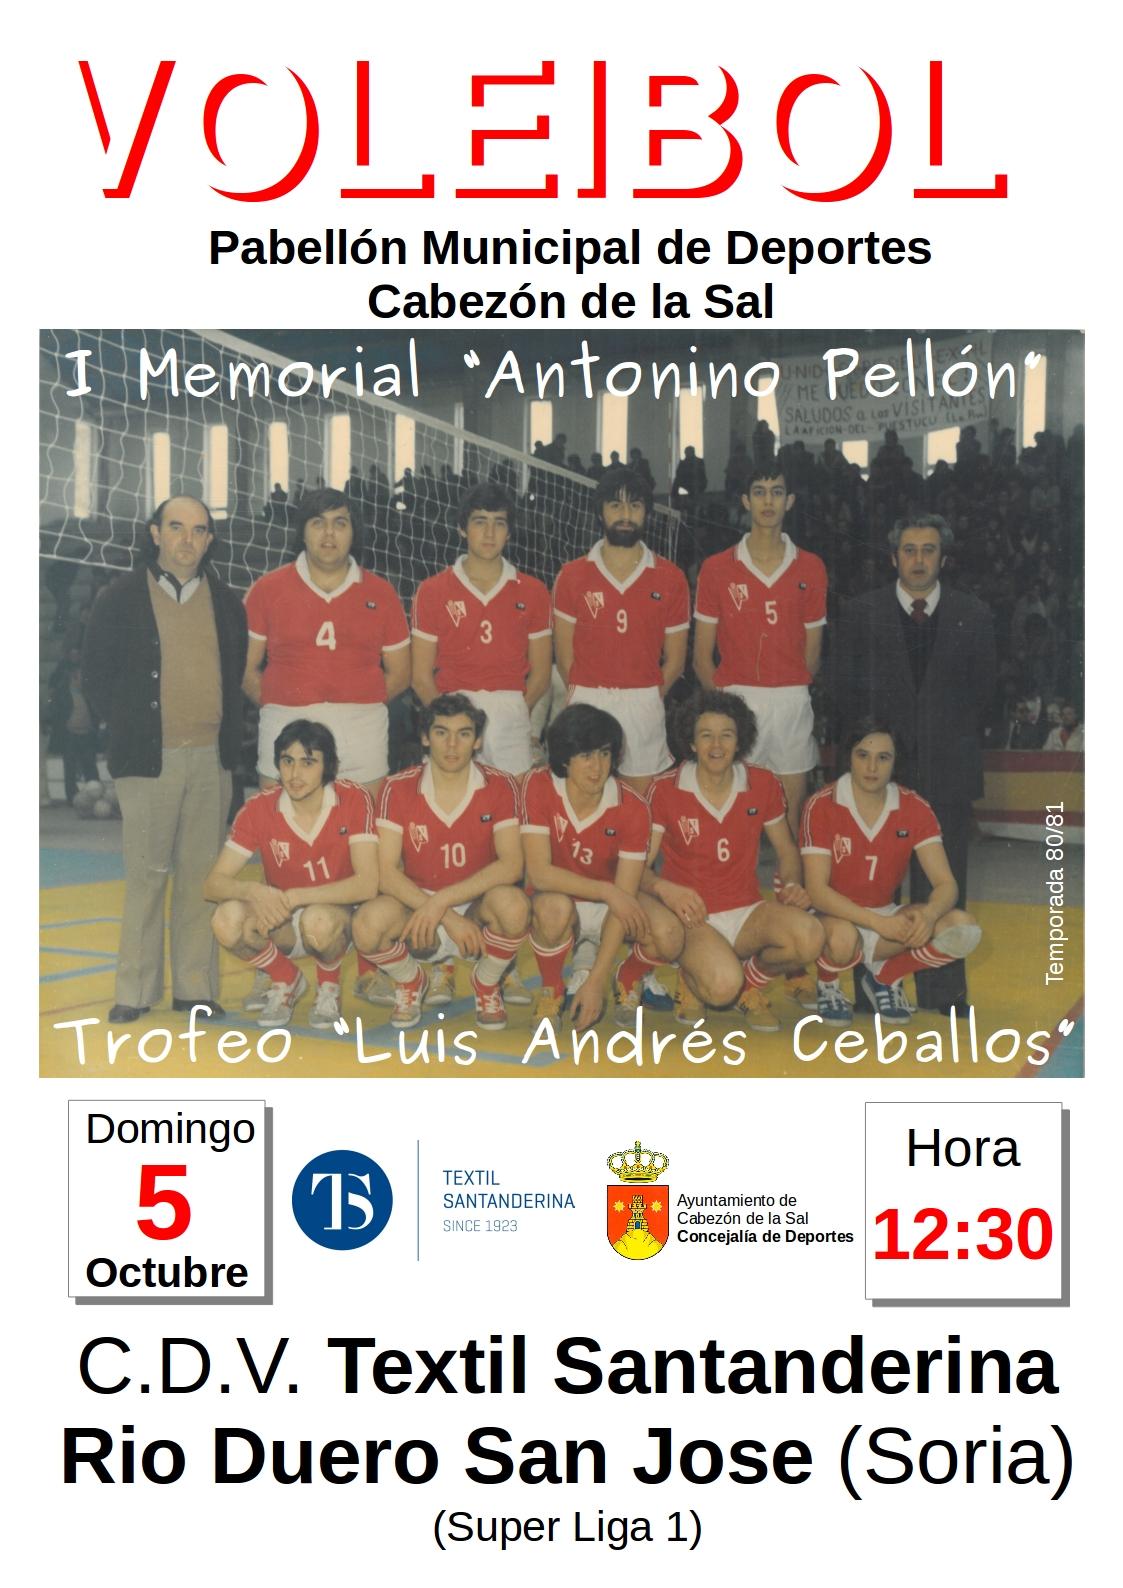 http://www.cabezondelasal.net/wp-content/uploads/2014/09/Voleibol.jpg